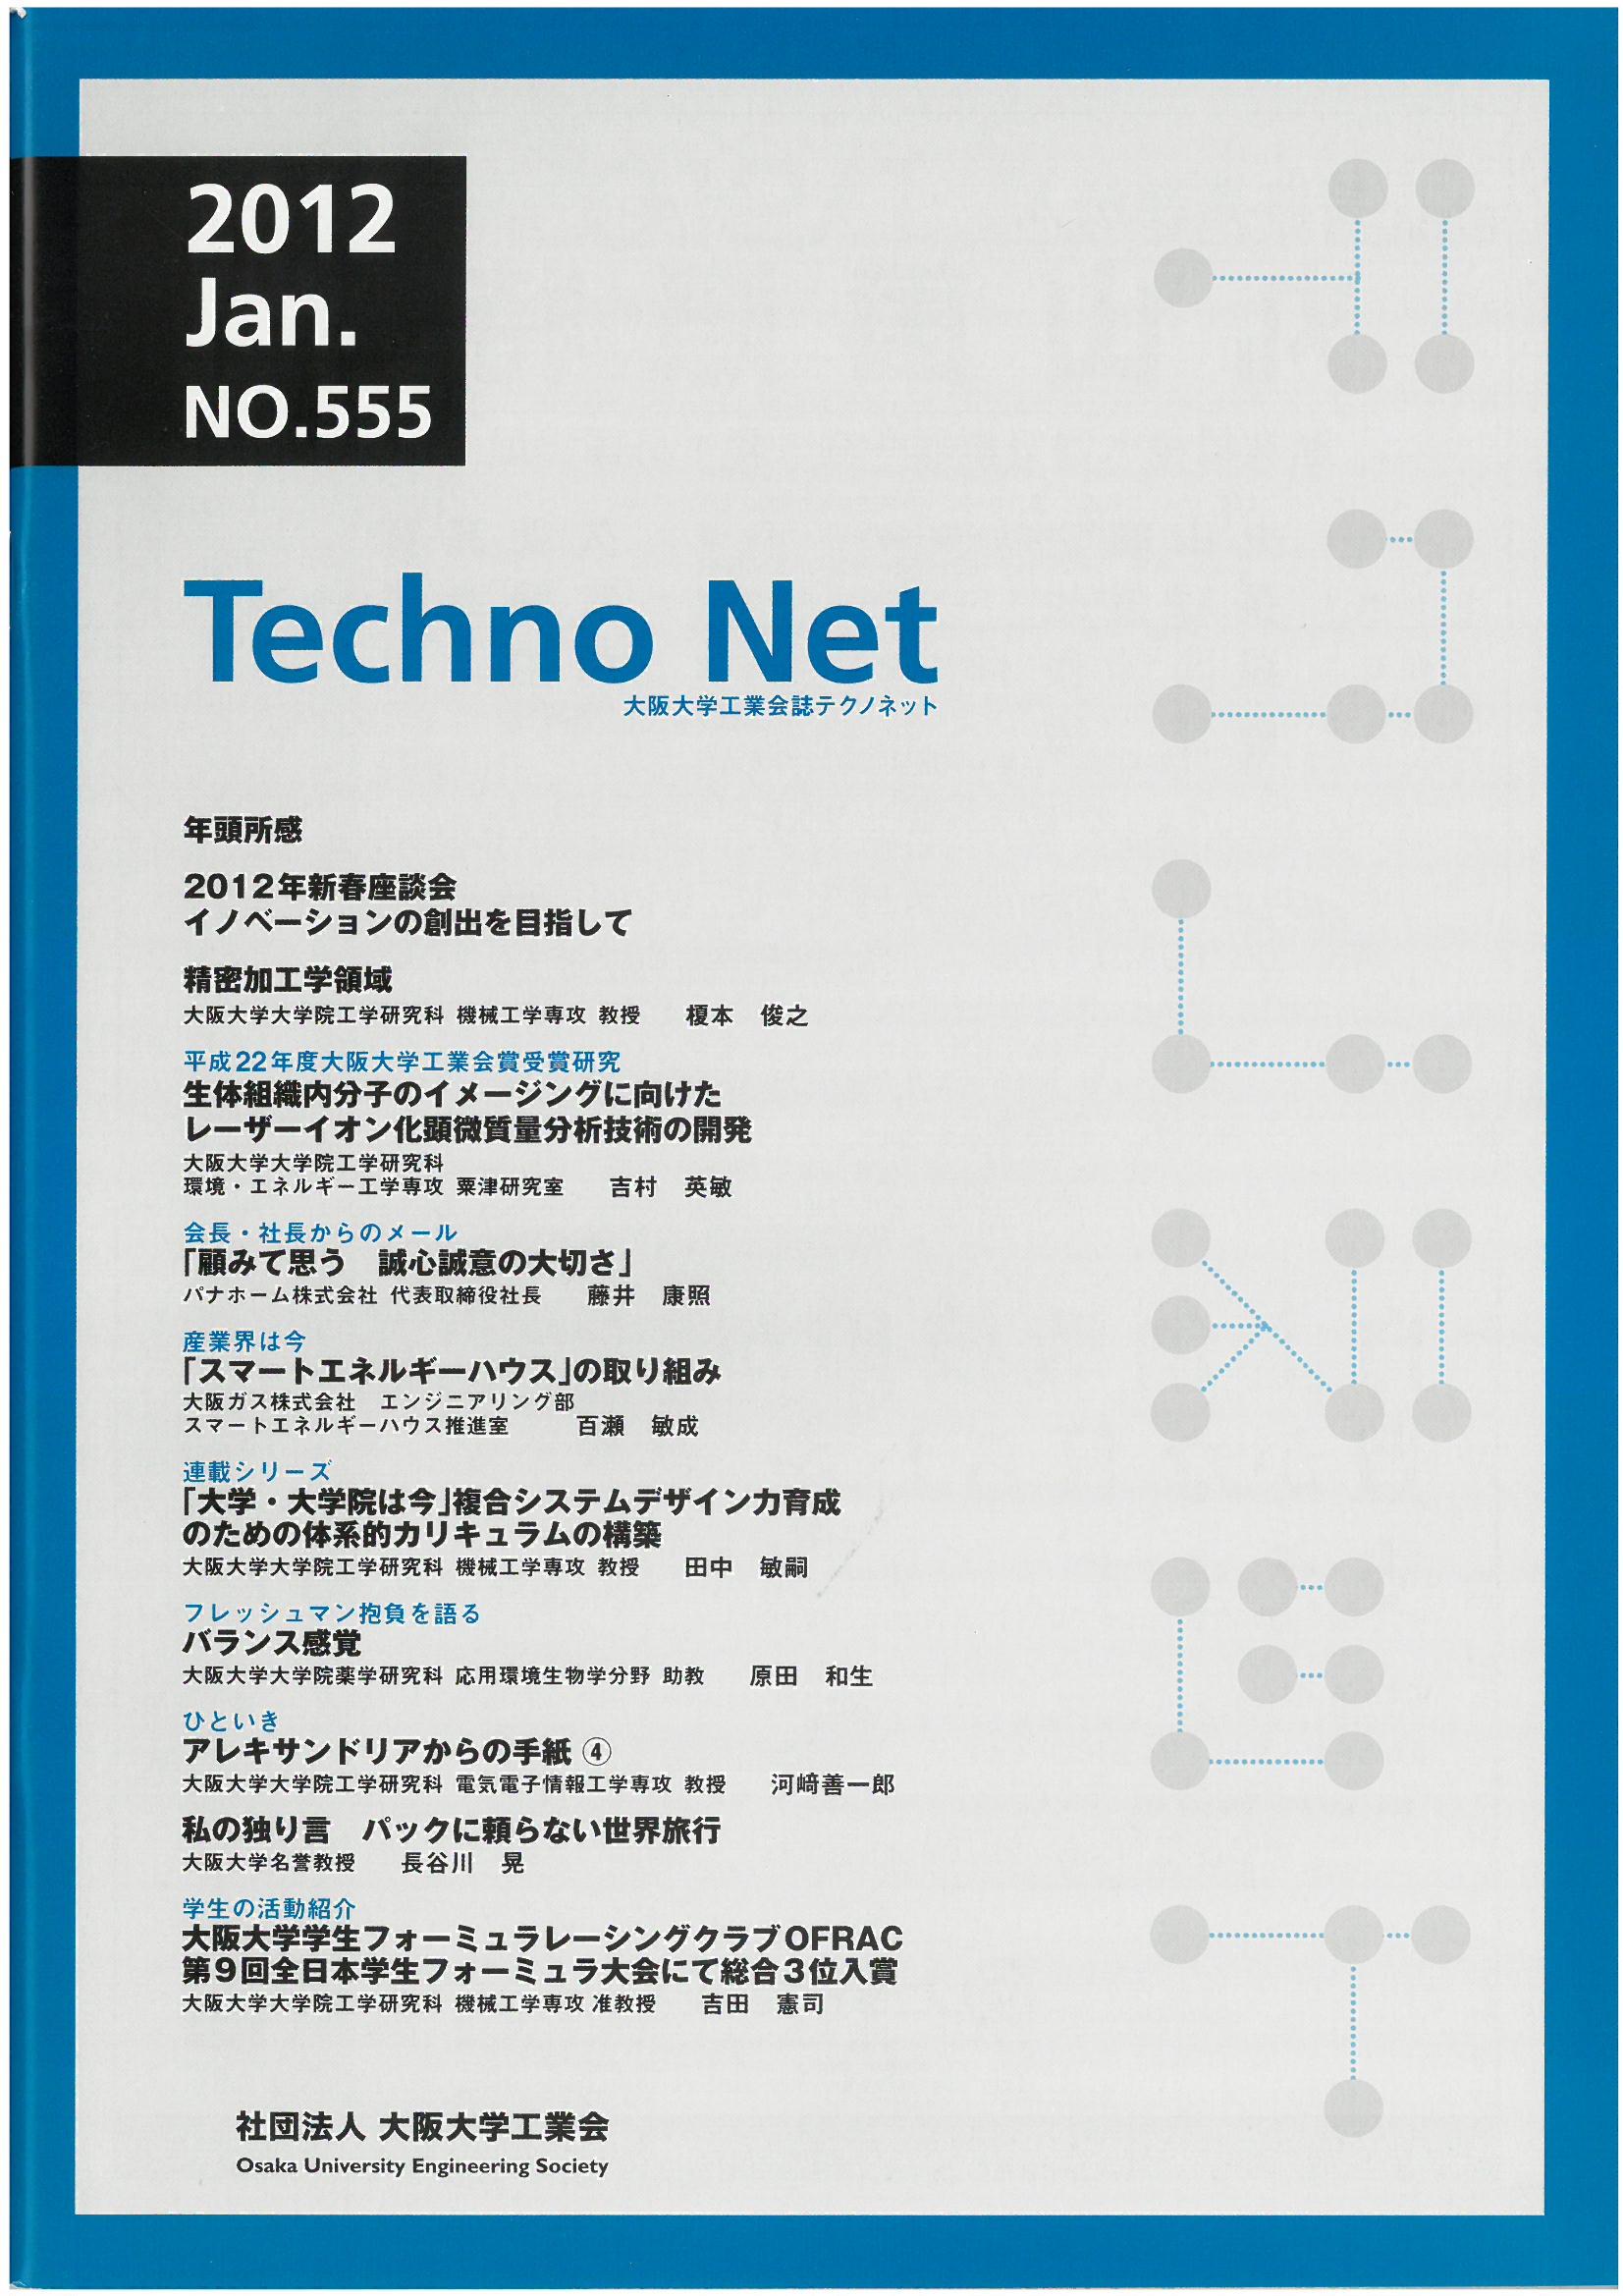 テクノネット(会誌)バックナンバー一覧 | Techno-Net | 一般社団法人 ...